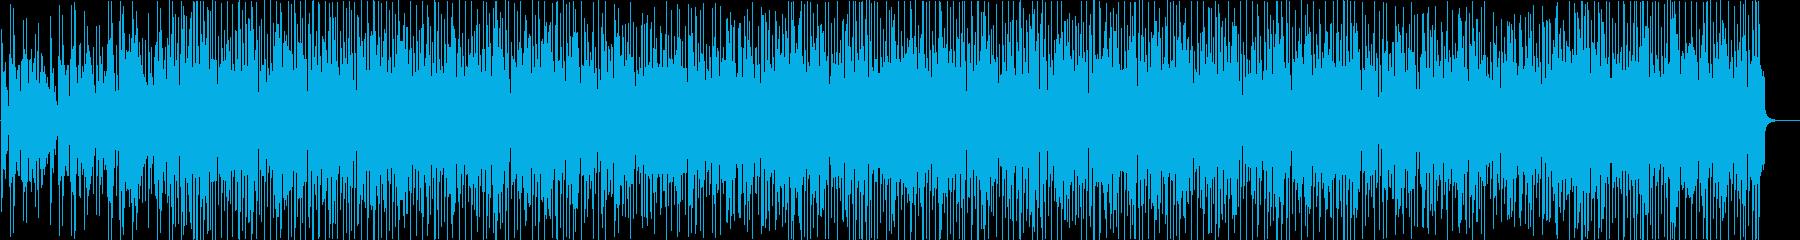 ちょっと不思議で元気でポップなBGMの再生済みの波形